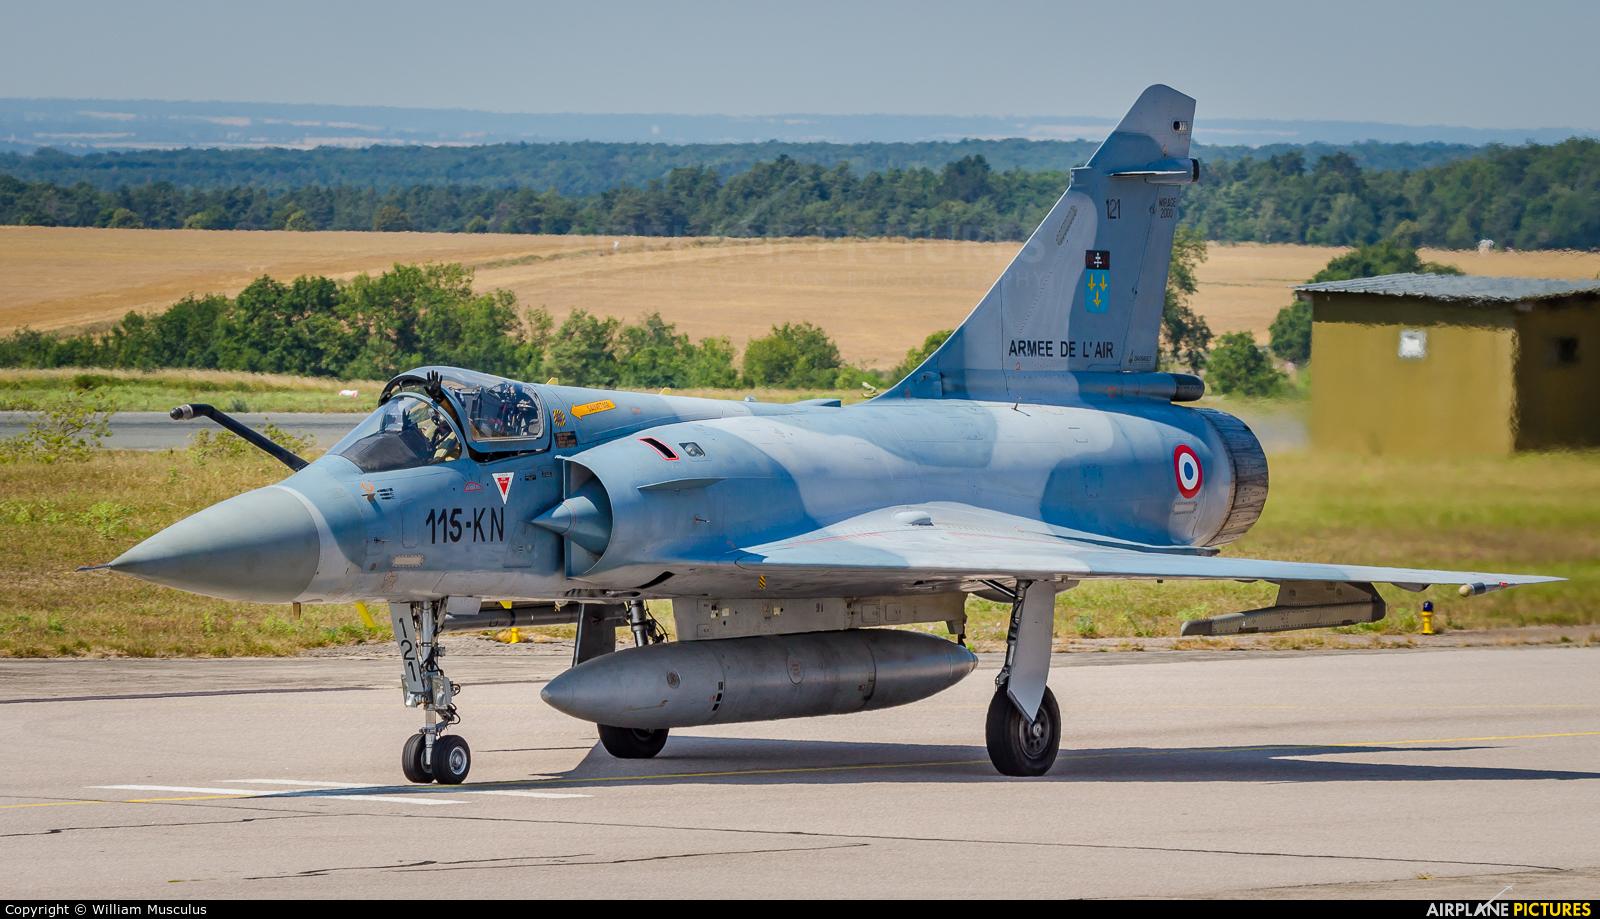 France - Air Force 121 aircraft at Nancy - Ochey AB